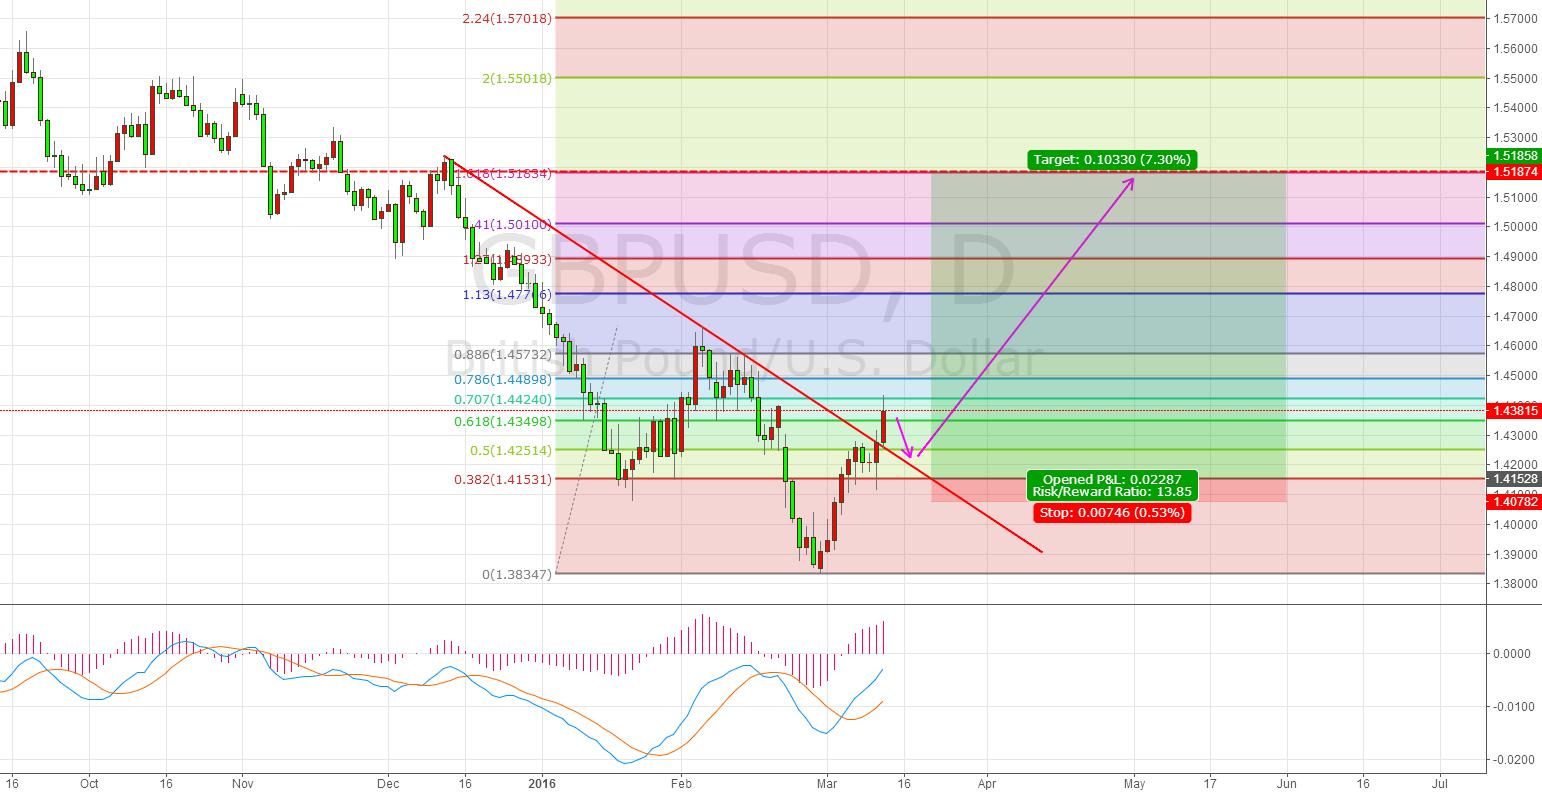 GBP Breaks Downward trend, target around 1.5187